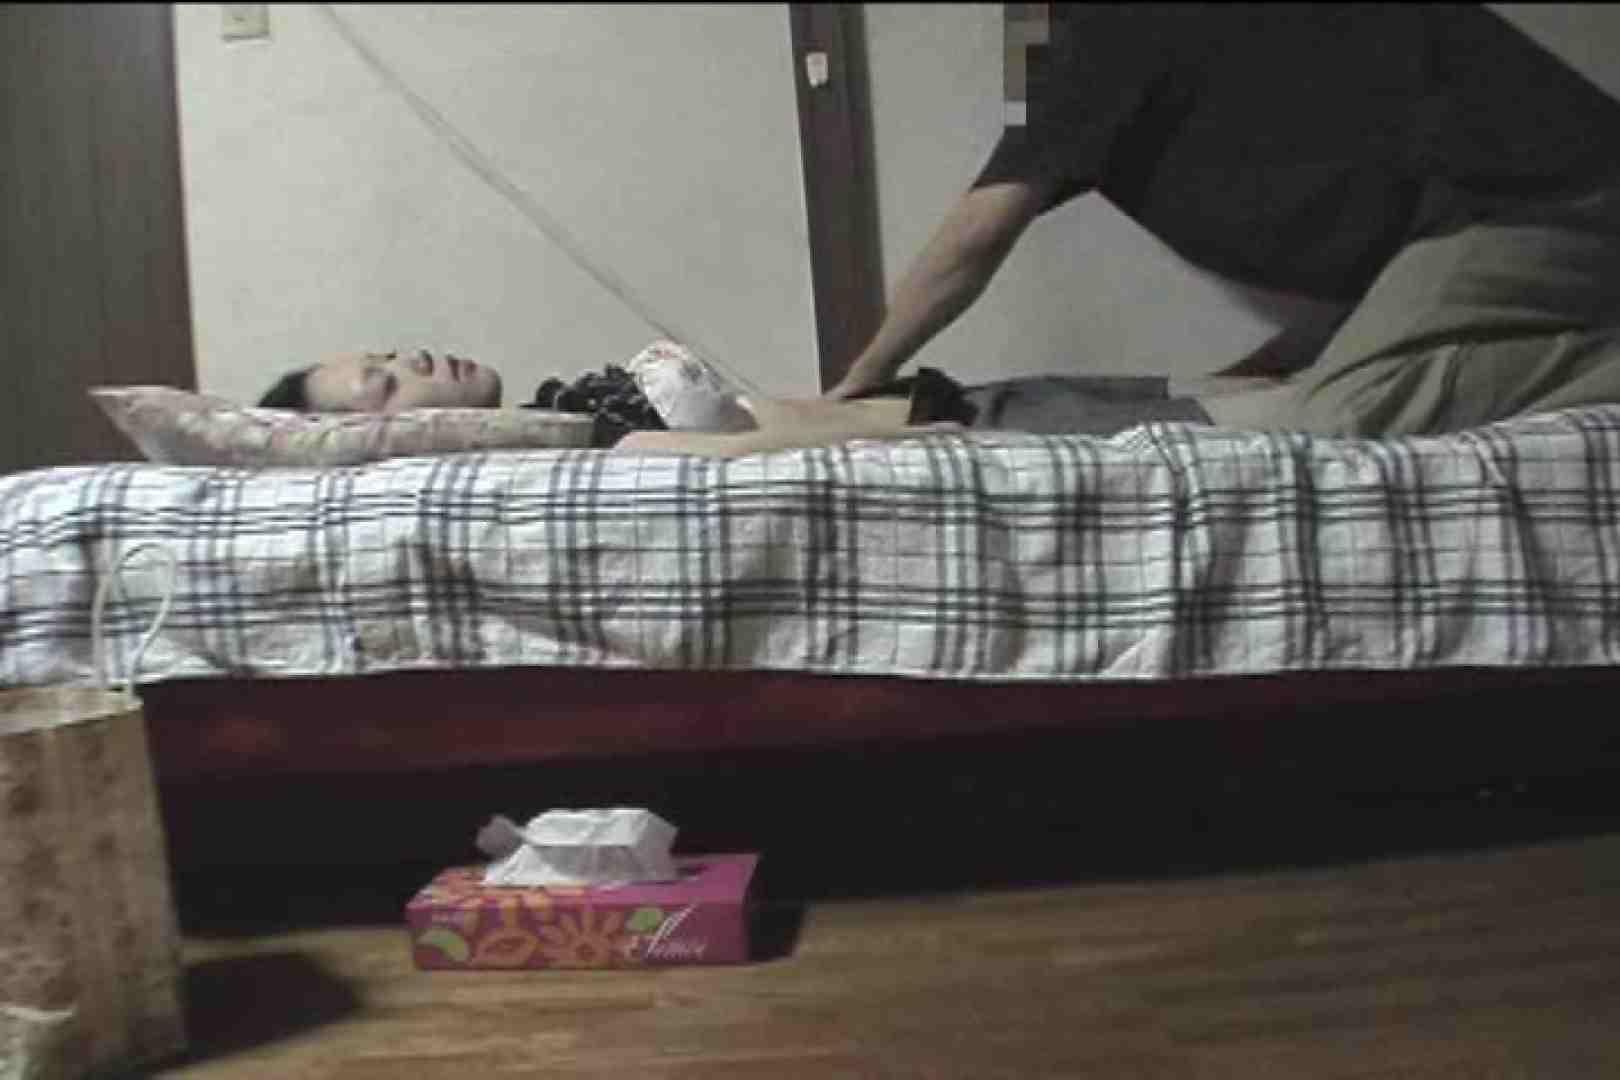 れる泥酔女8 おまんこ特別編 アダルト動画キャプチャ 76枚 29